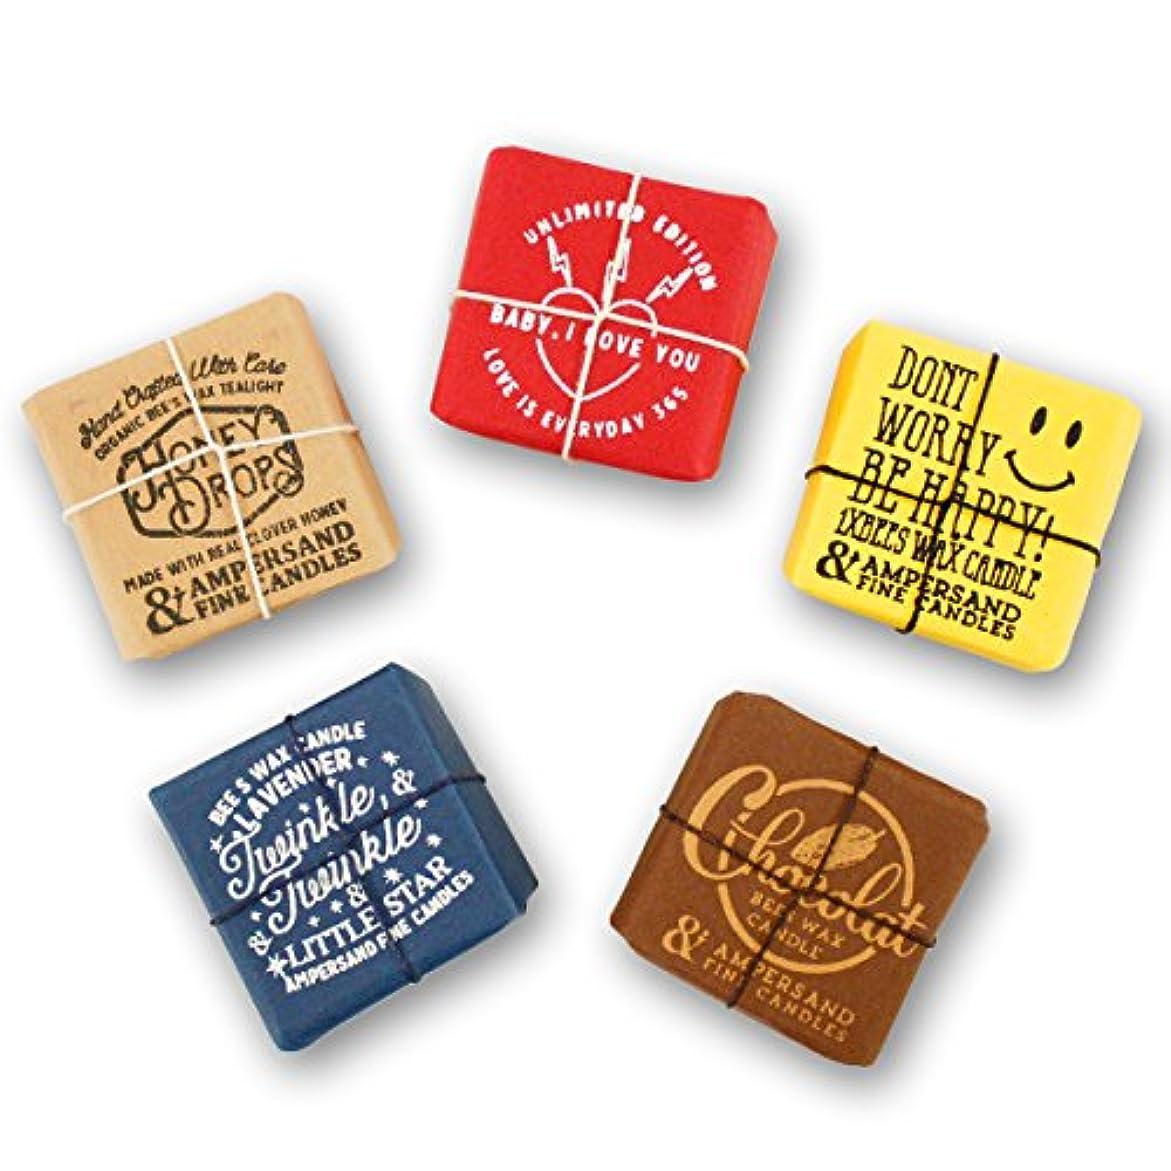 シソーラスぼろ憂鬱Ampersand Fine Candles(アンパサンド ファイン キャンドル)キャンドル ルームフレグランス ASingle Bees [ 5type ] アロマ ギフト オーガニック OS,Chocolate